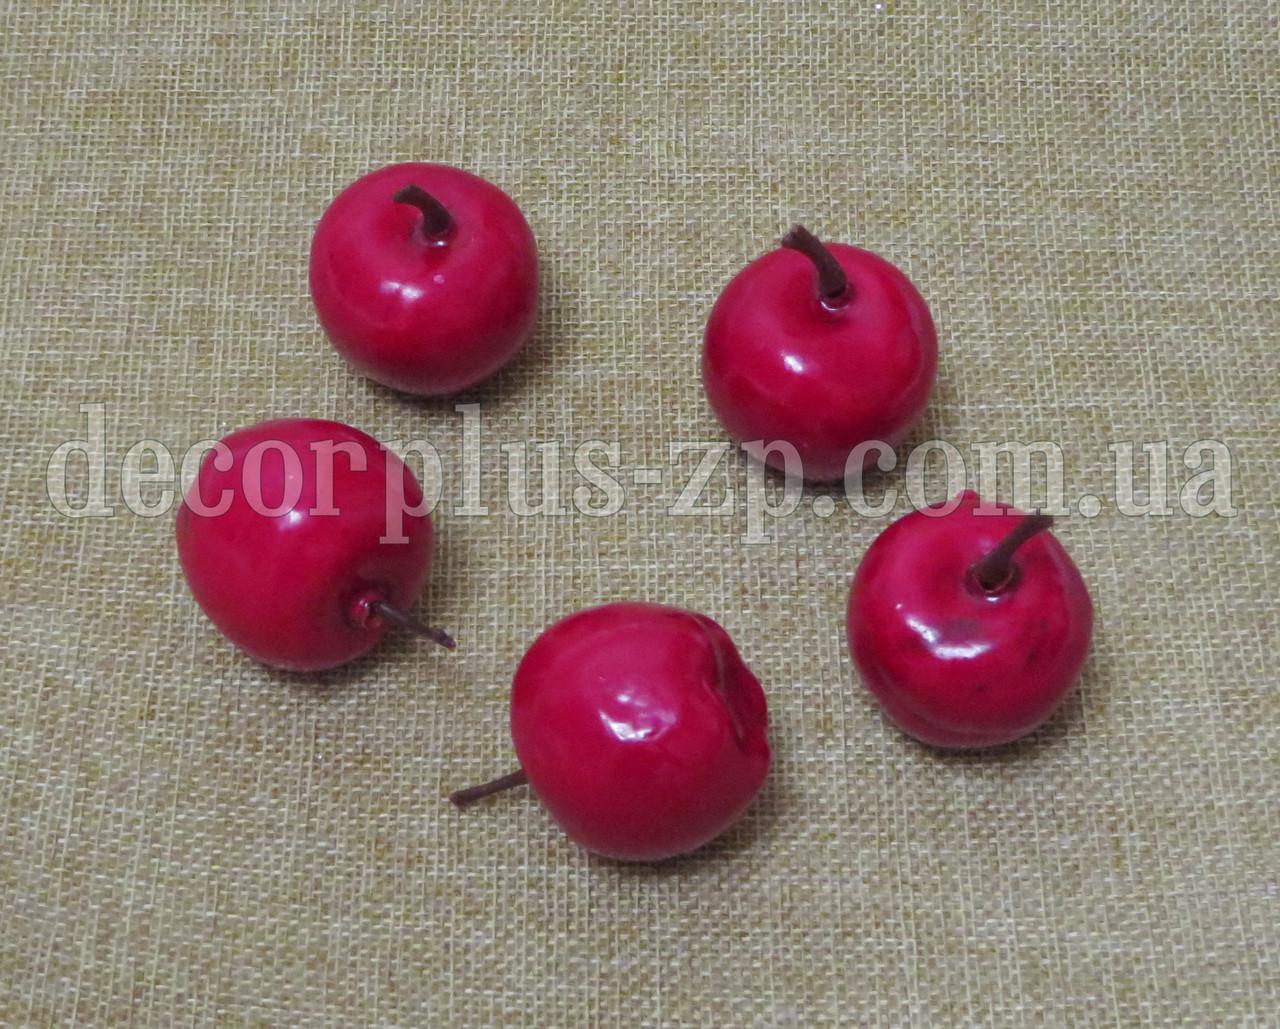 Яблочко искусственное 3см. Красное